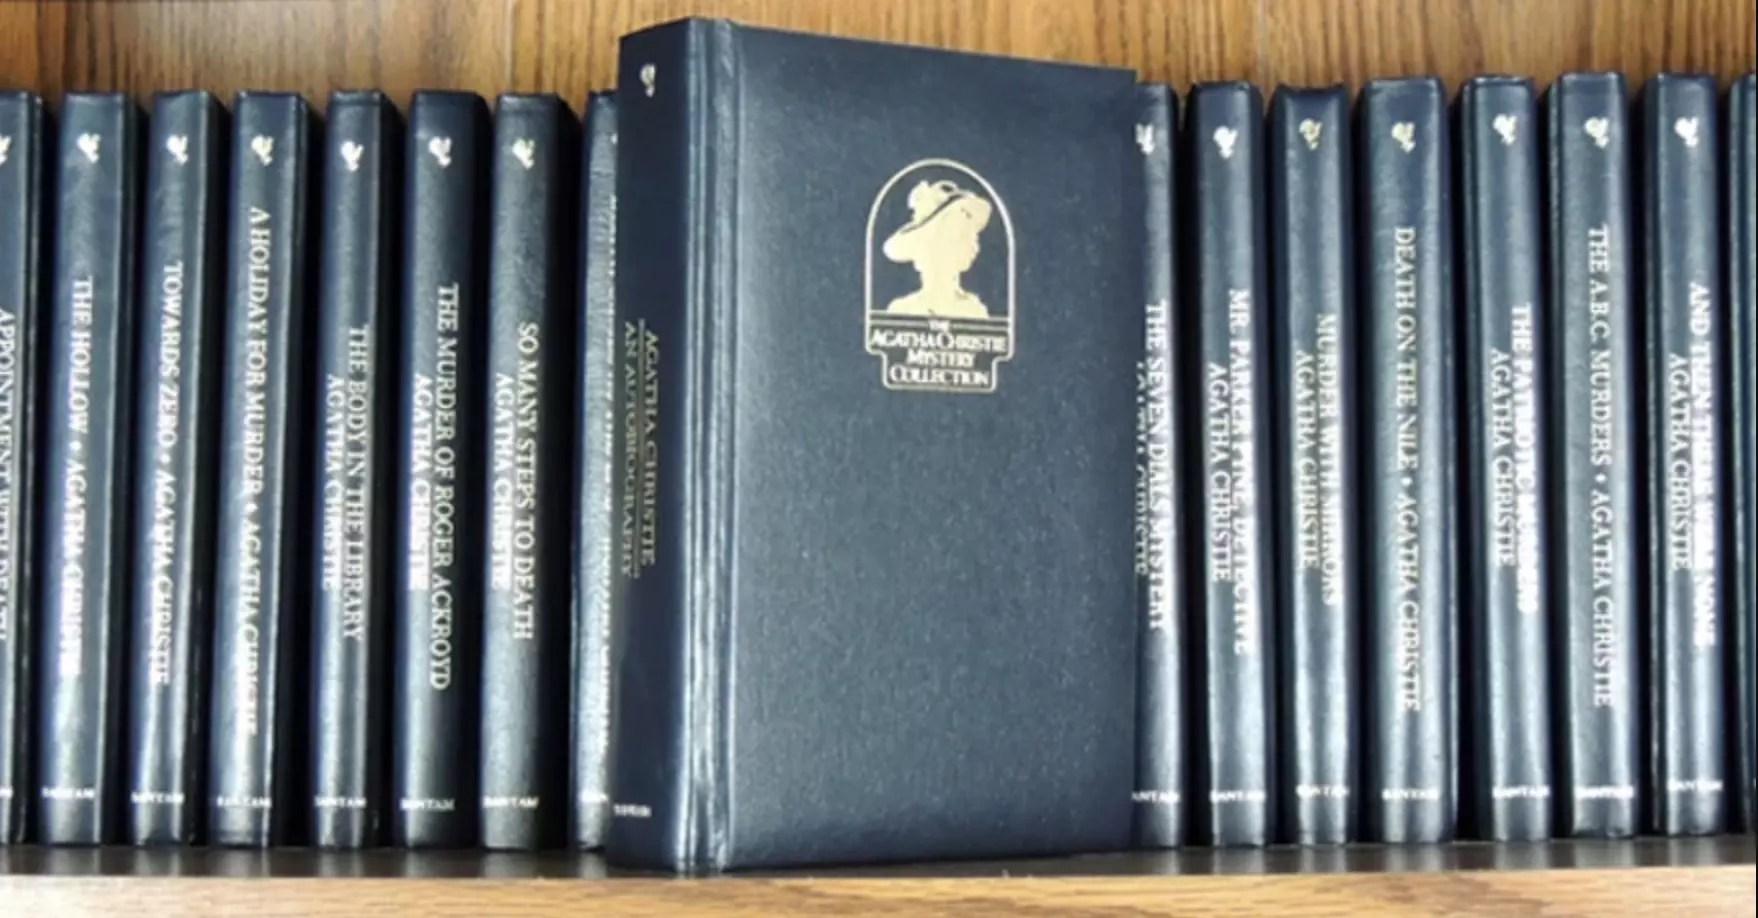 agatha christie bantam books shelf